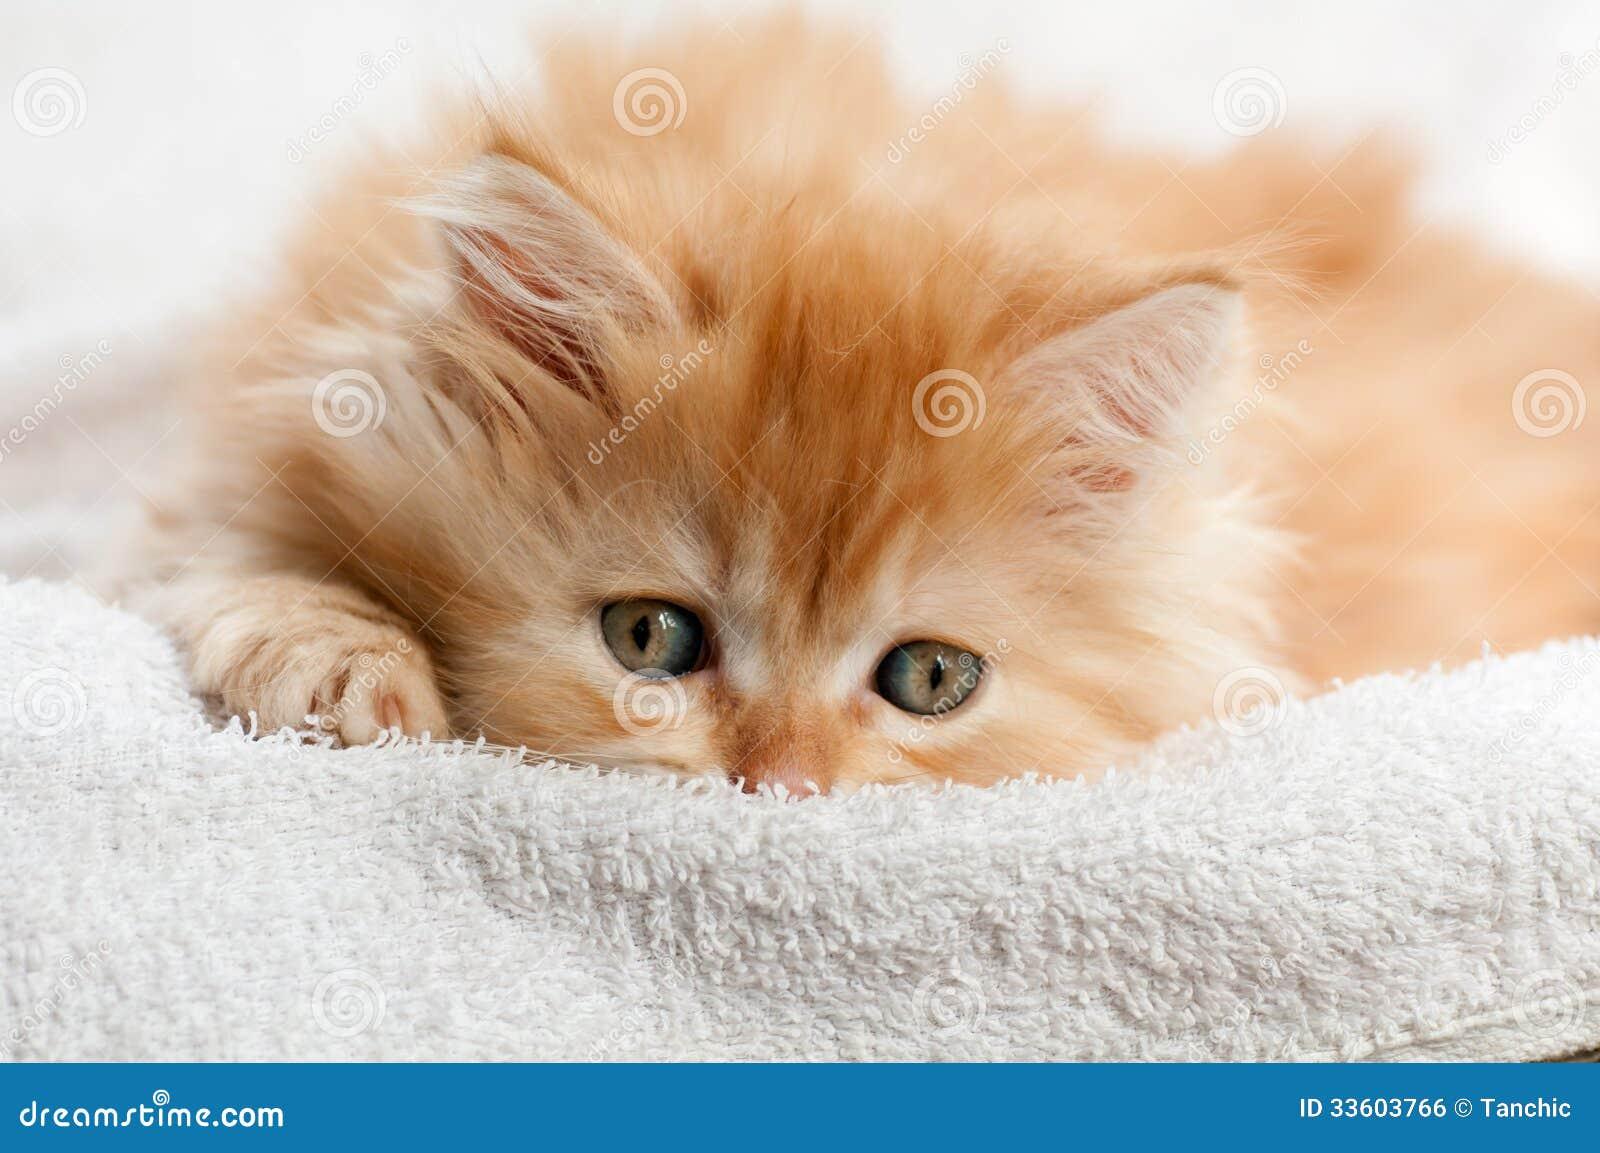 Red kitten nestled against a white towel